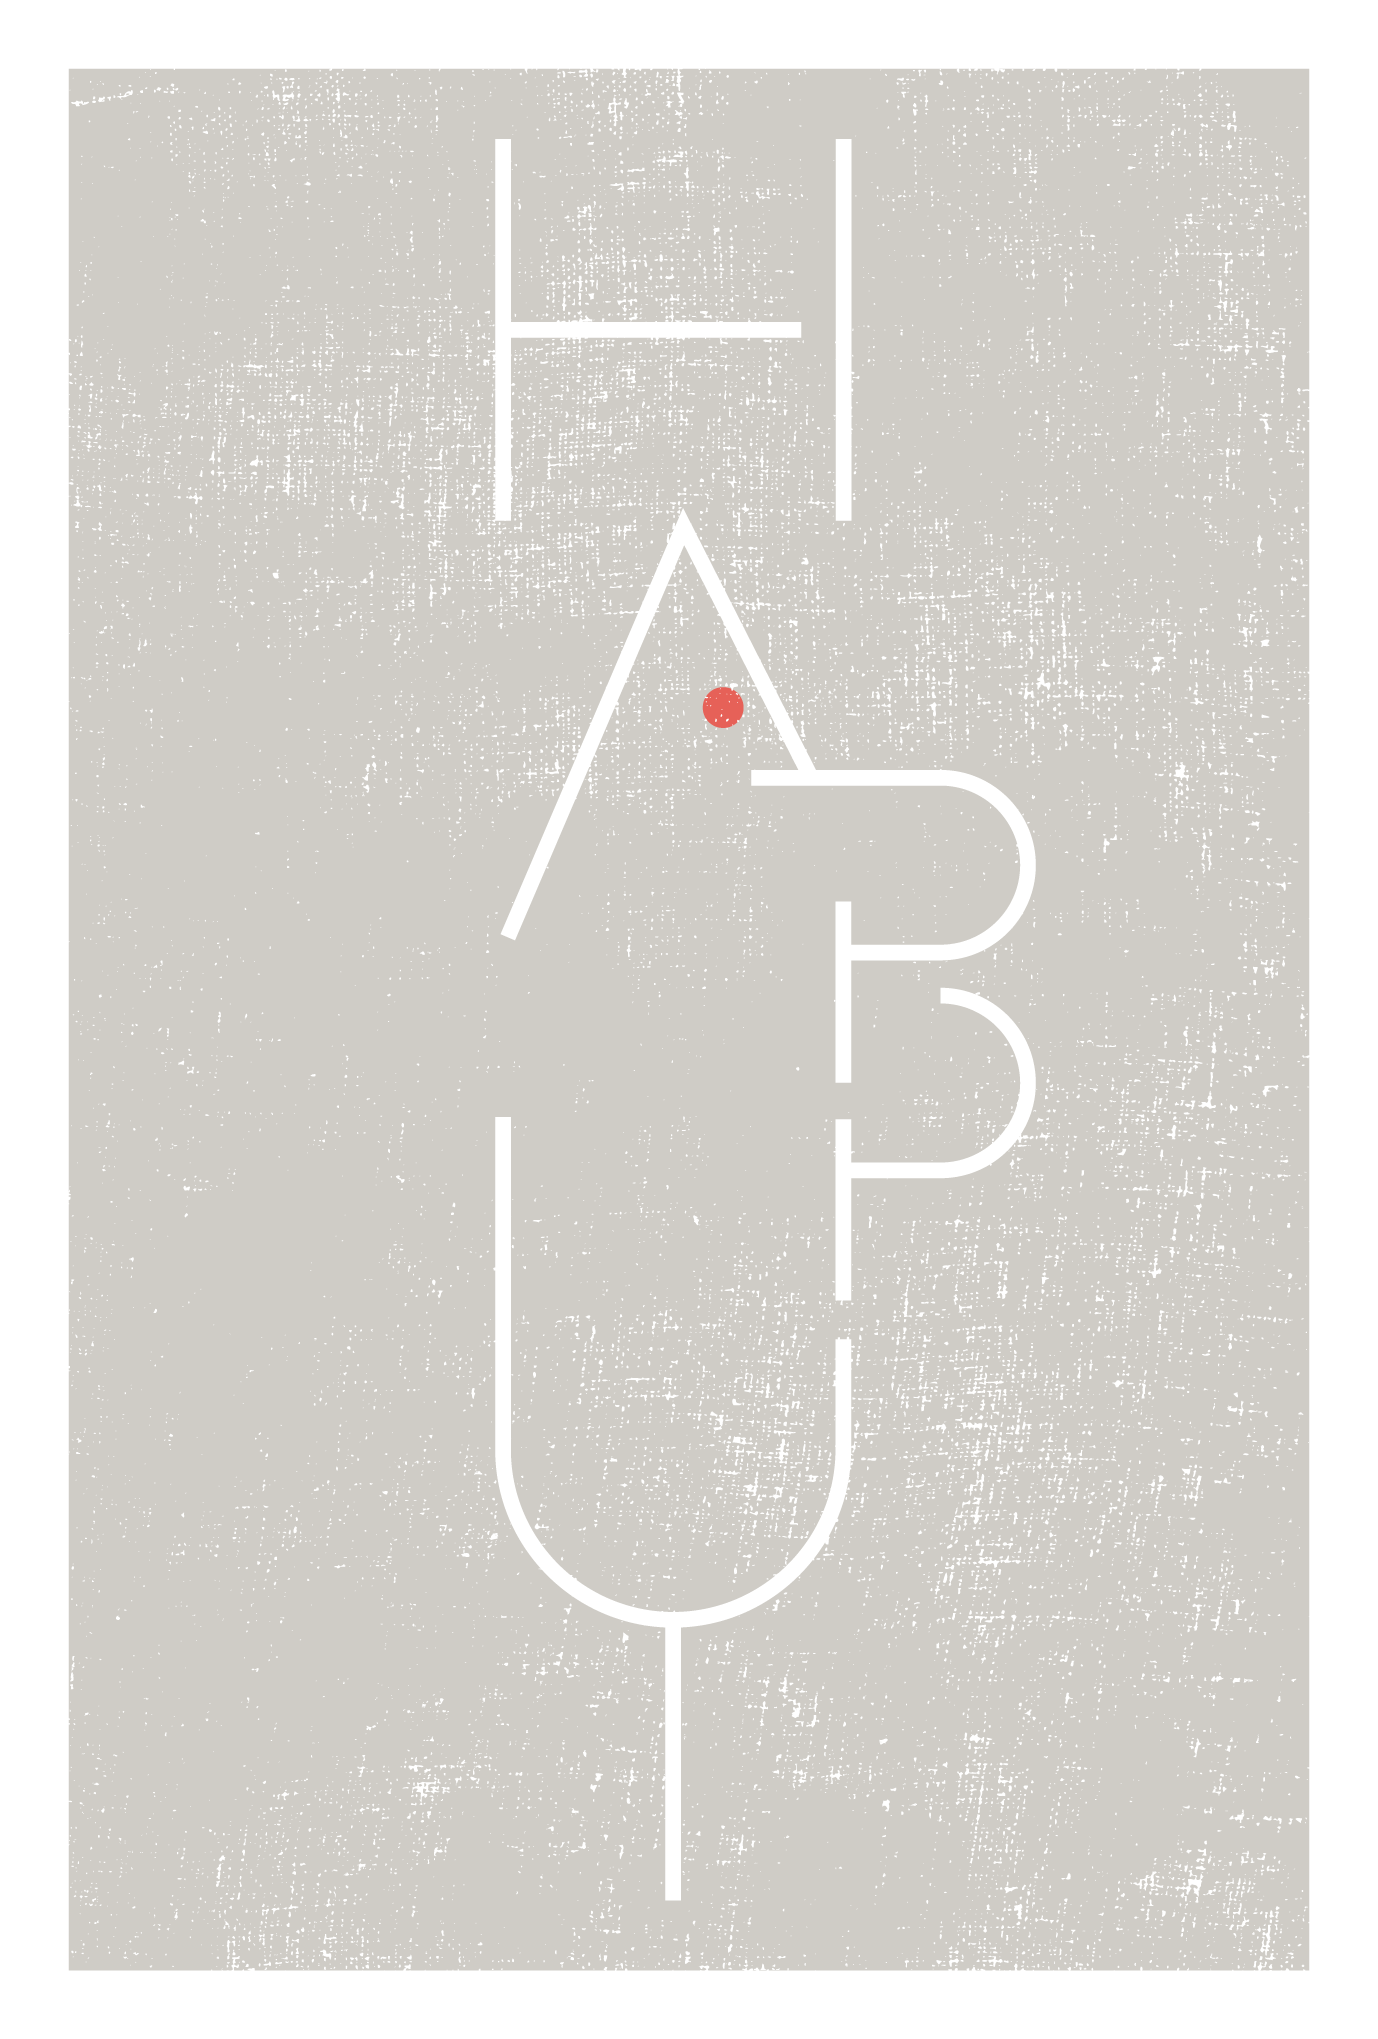 2020年賀状15-2:HAPPY MOUSE / B(銀鼠)のダウンロード画像